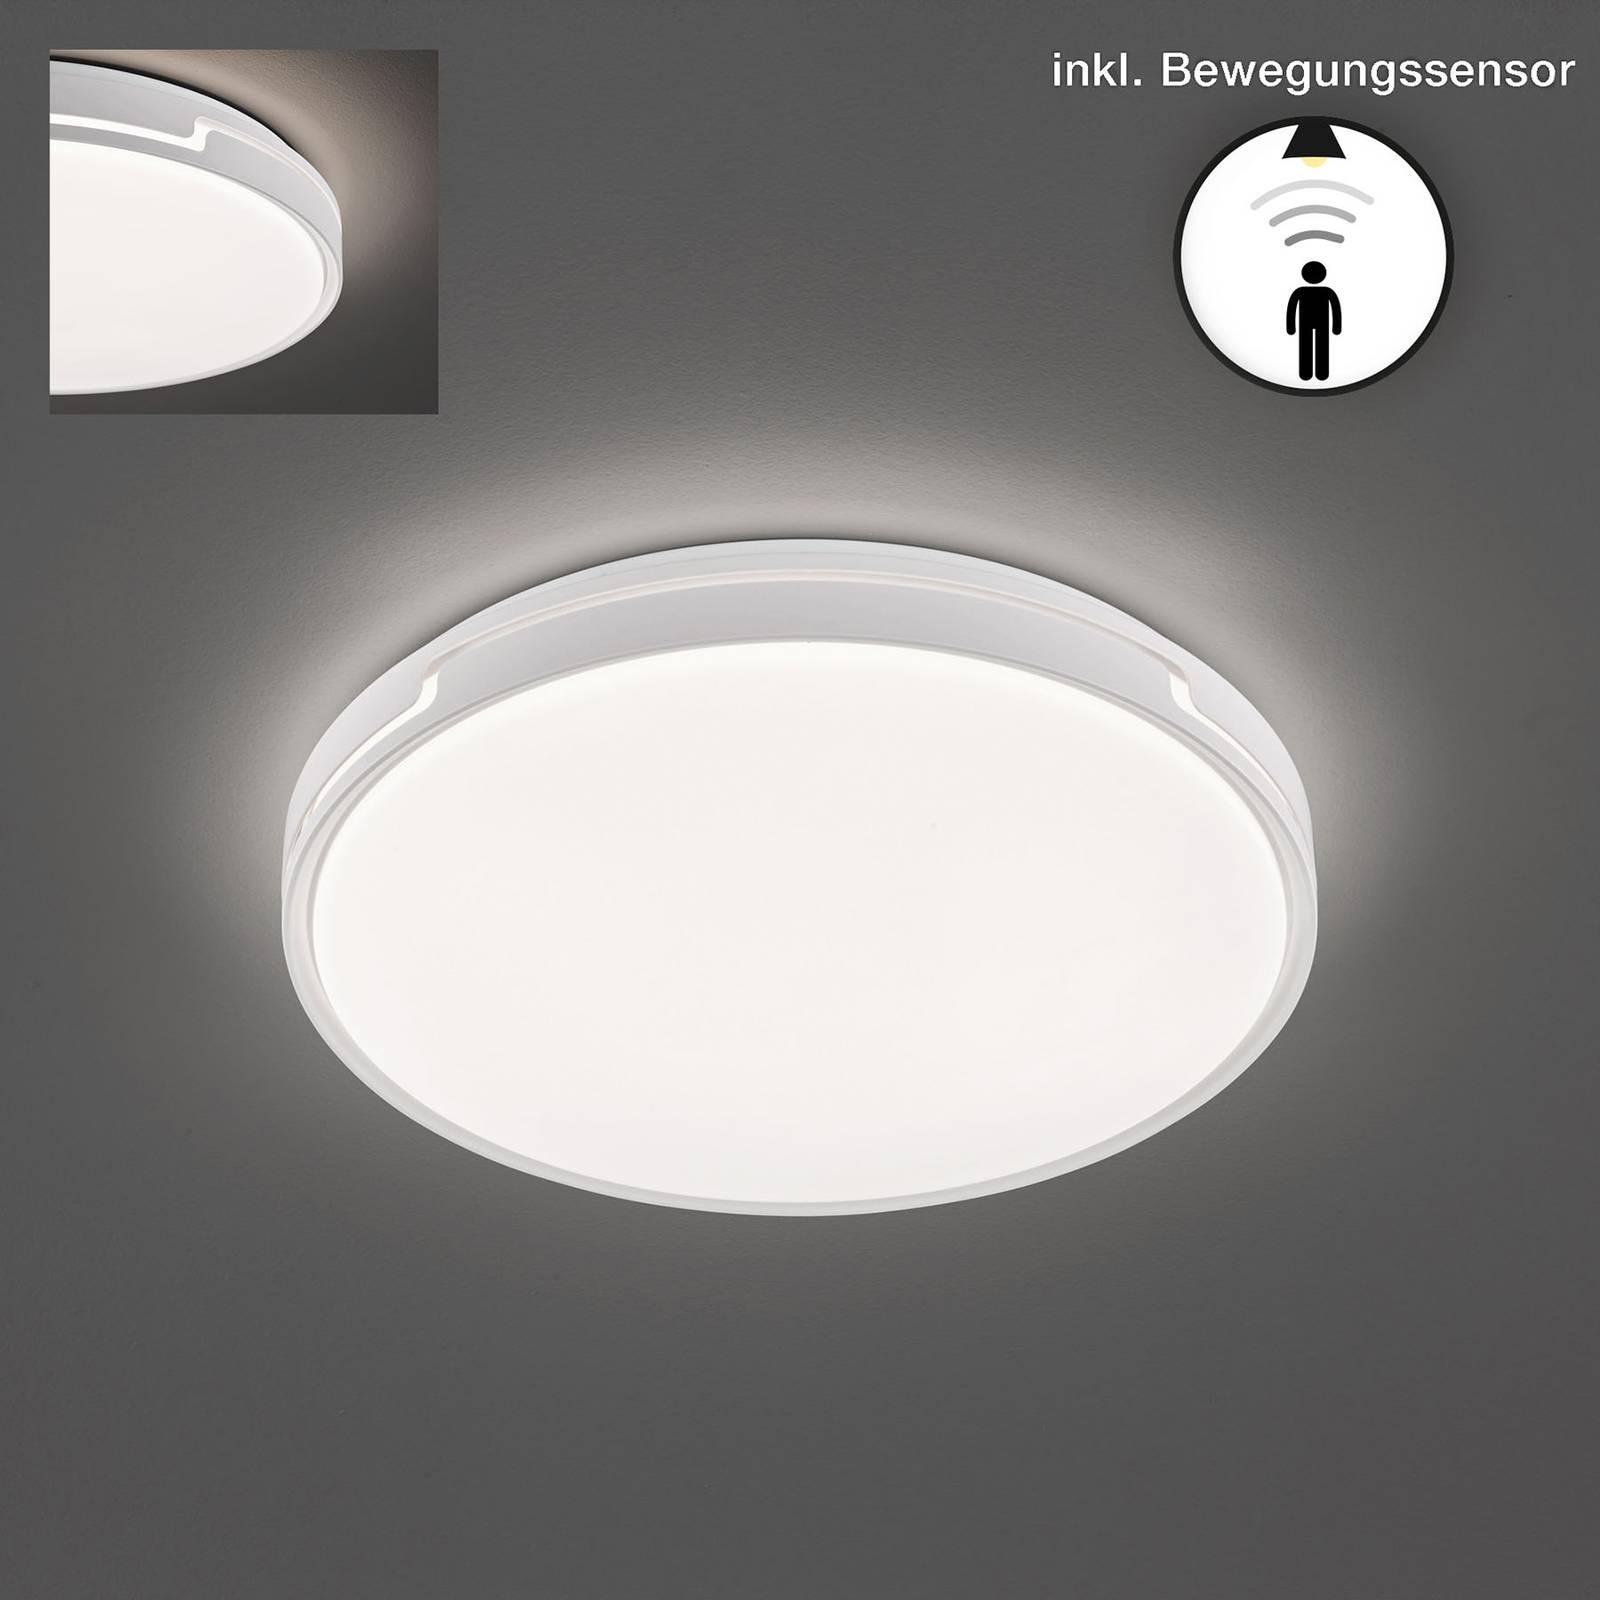 LED plafondlamp Tex BS met bewegingsmelder Ø 49 cm